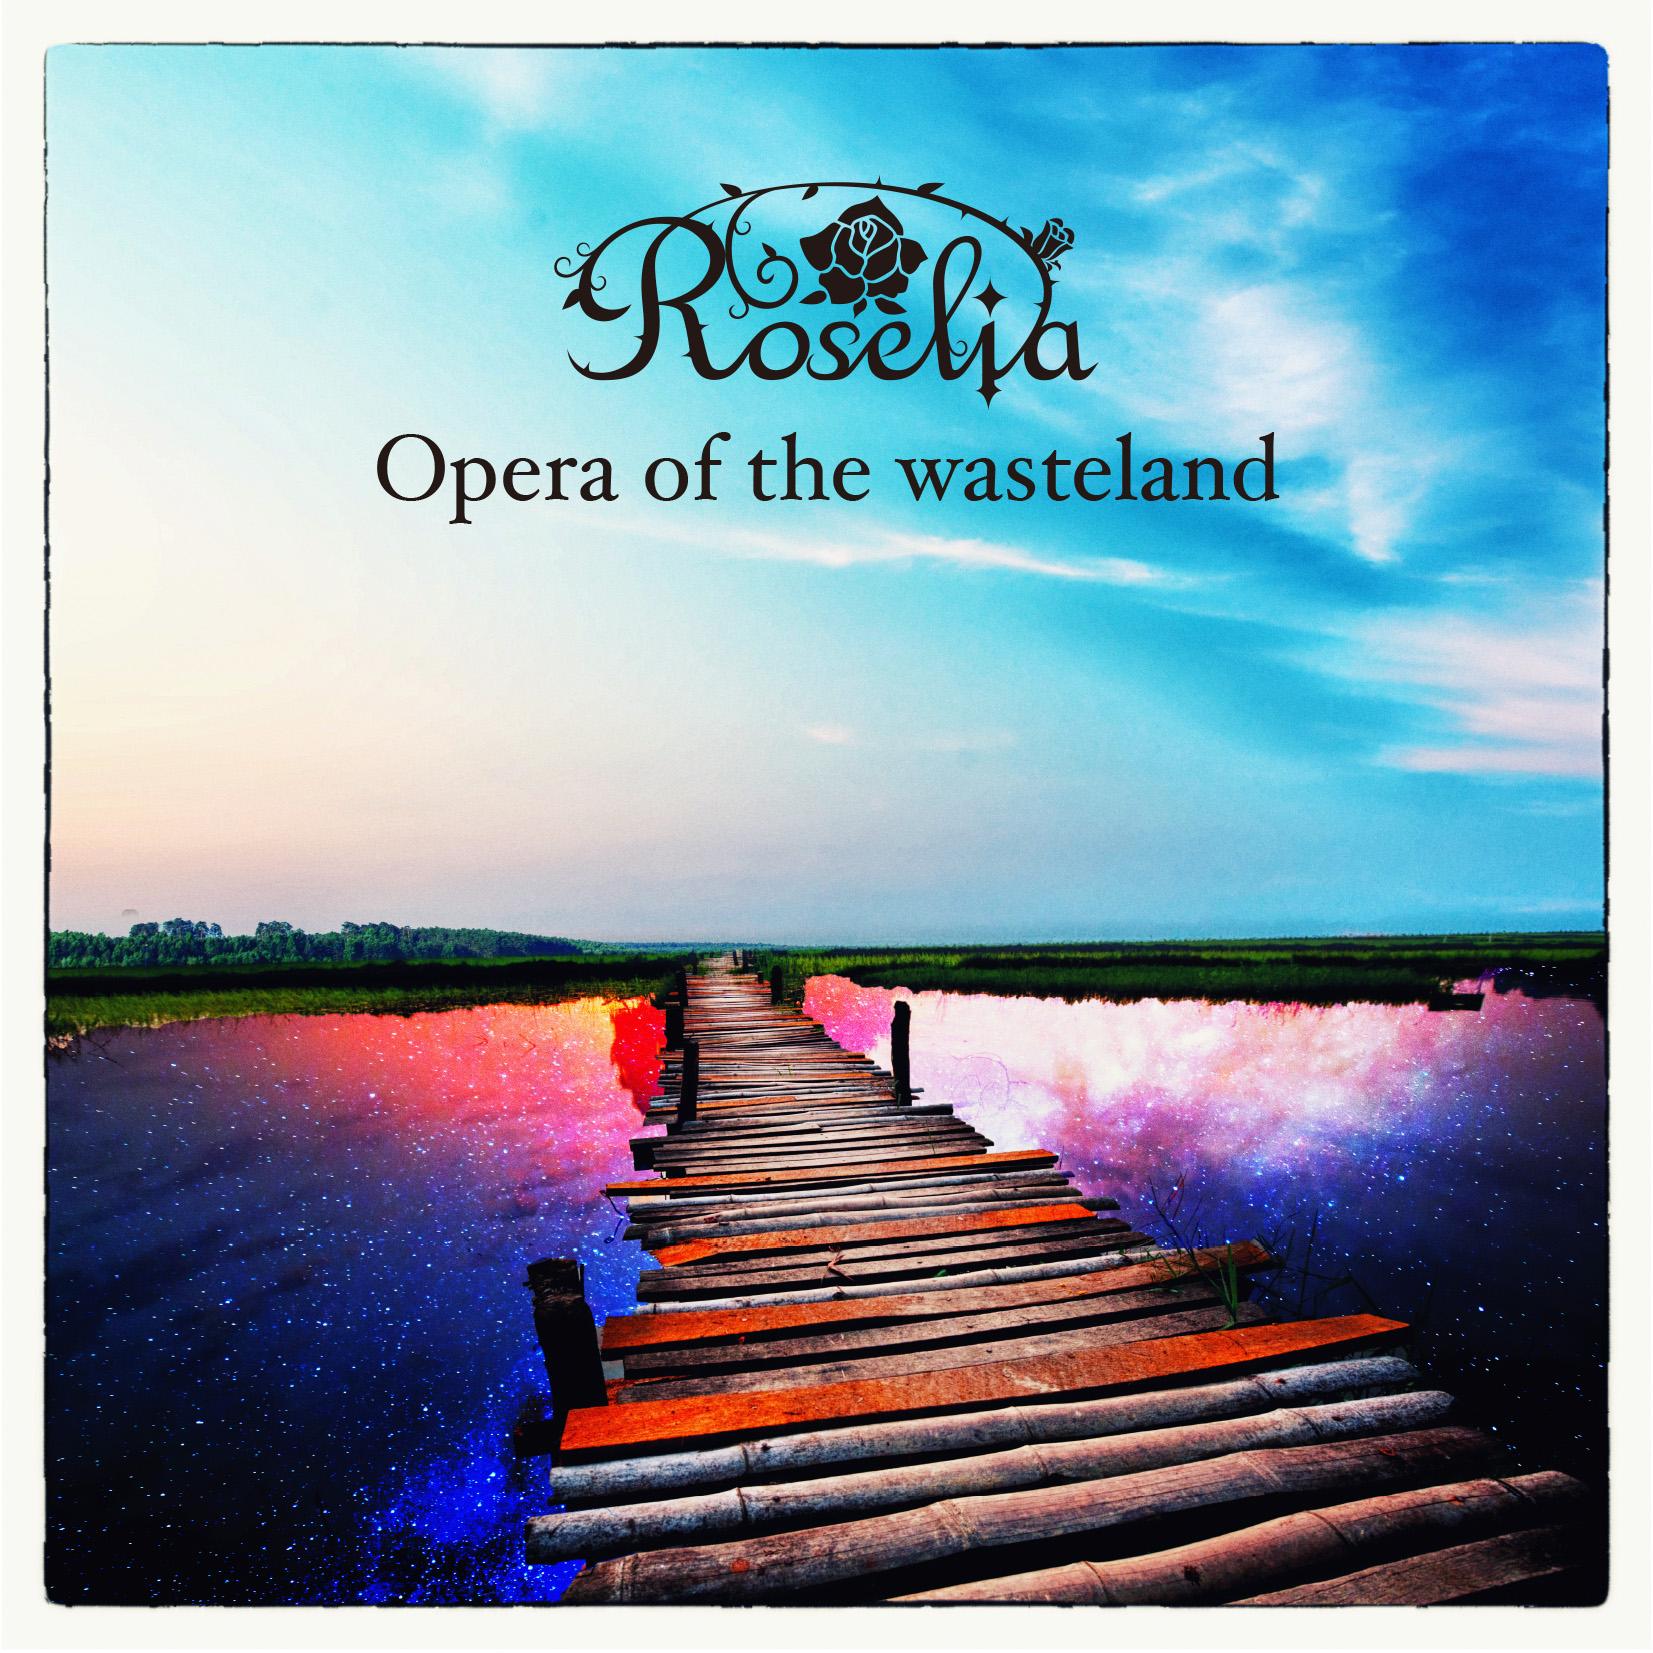 【初回封入特典と店舗別特典を解禁!】3月21日(水)Roselia 5th Single「Opera of the wasteland」